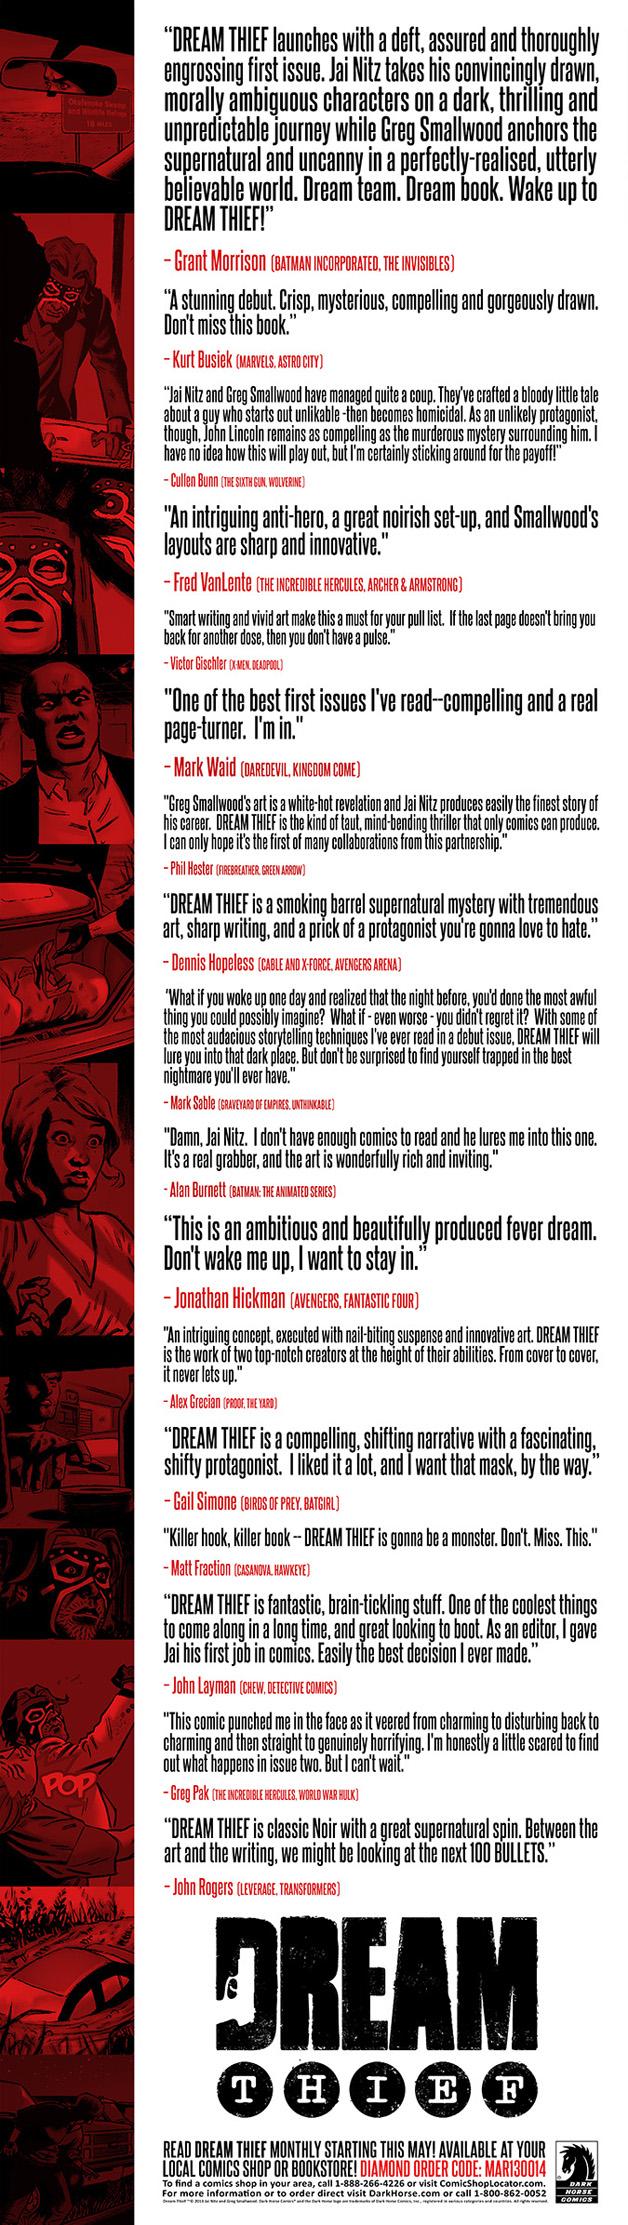 Kurt Busiek's quote #8